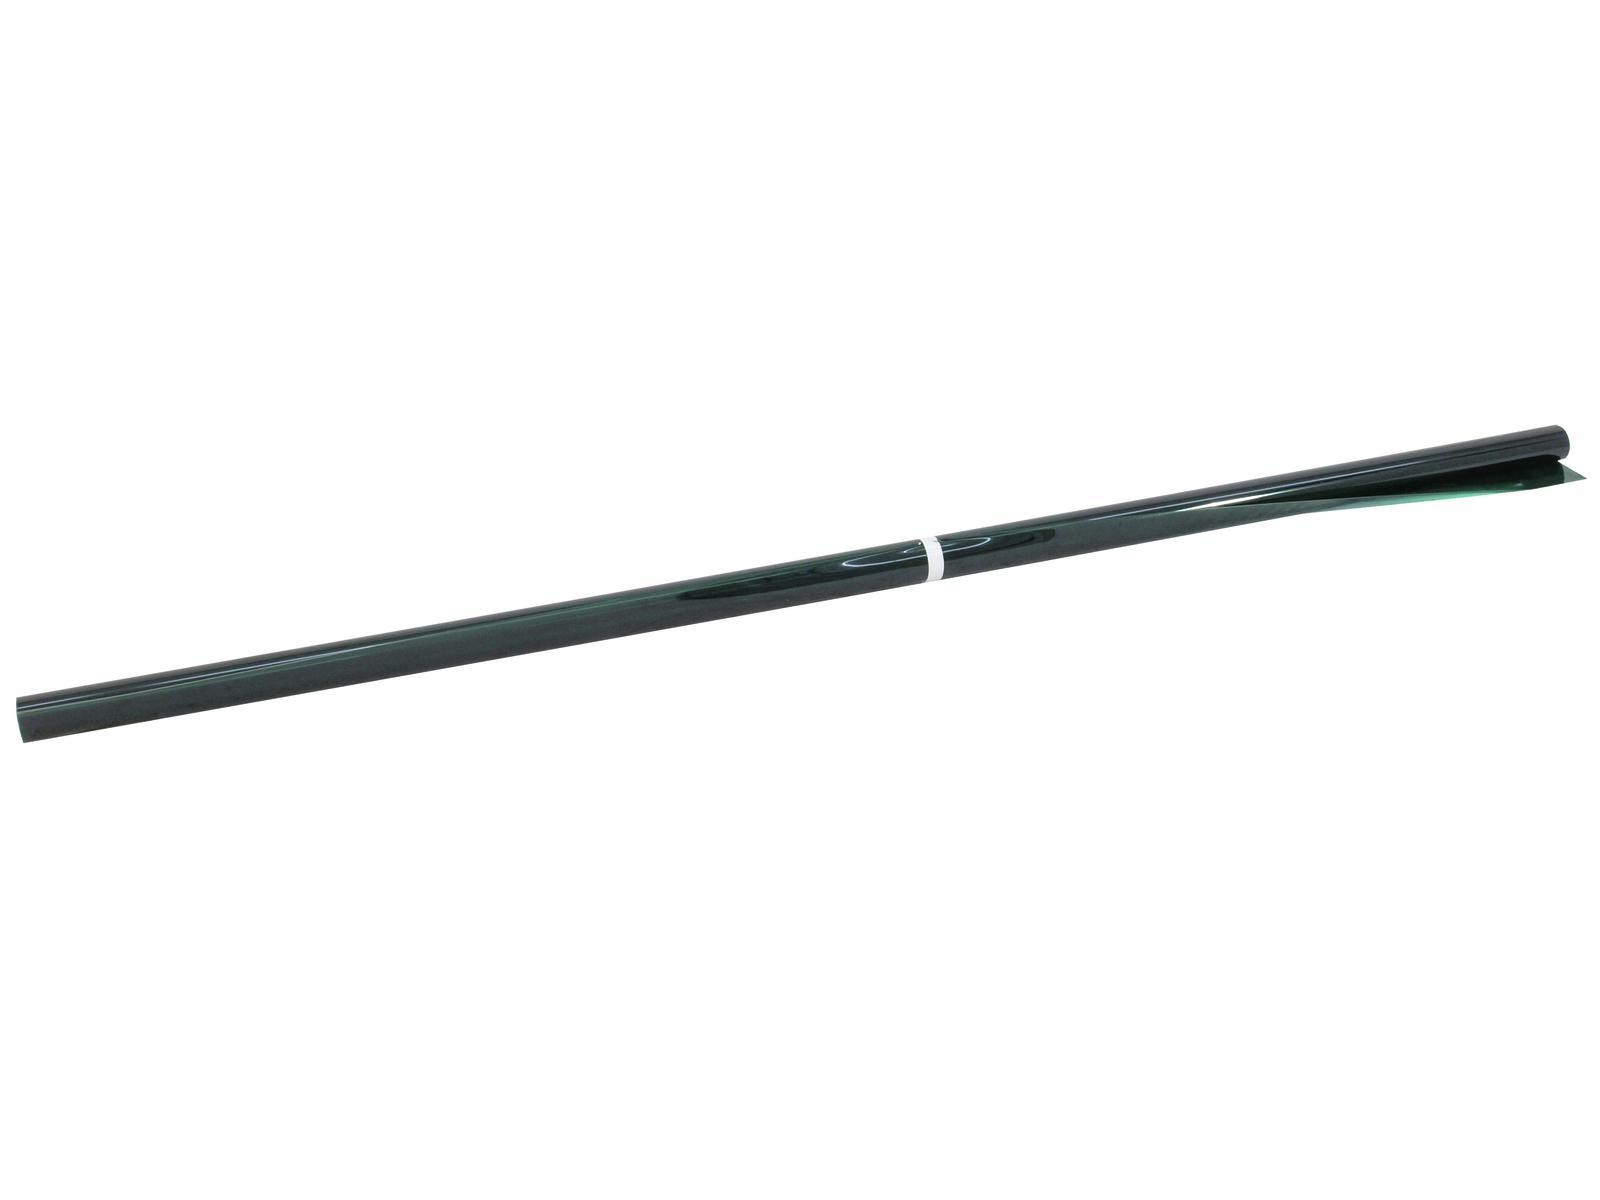 Gelatina Rotolo Filtro Per Tubo neon 124 122x100cm verde scuro Eurolite